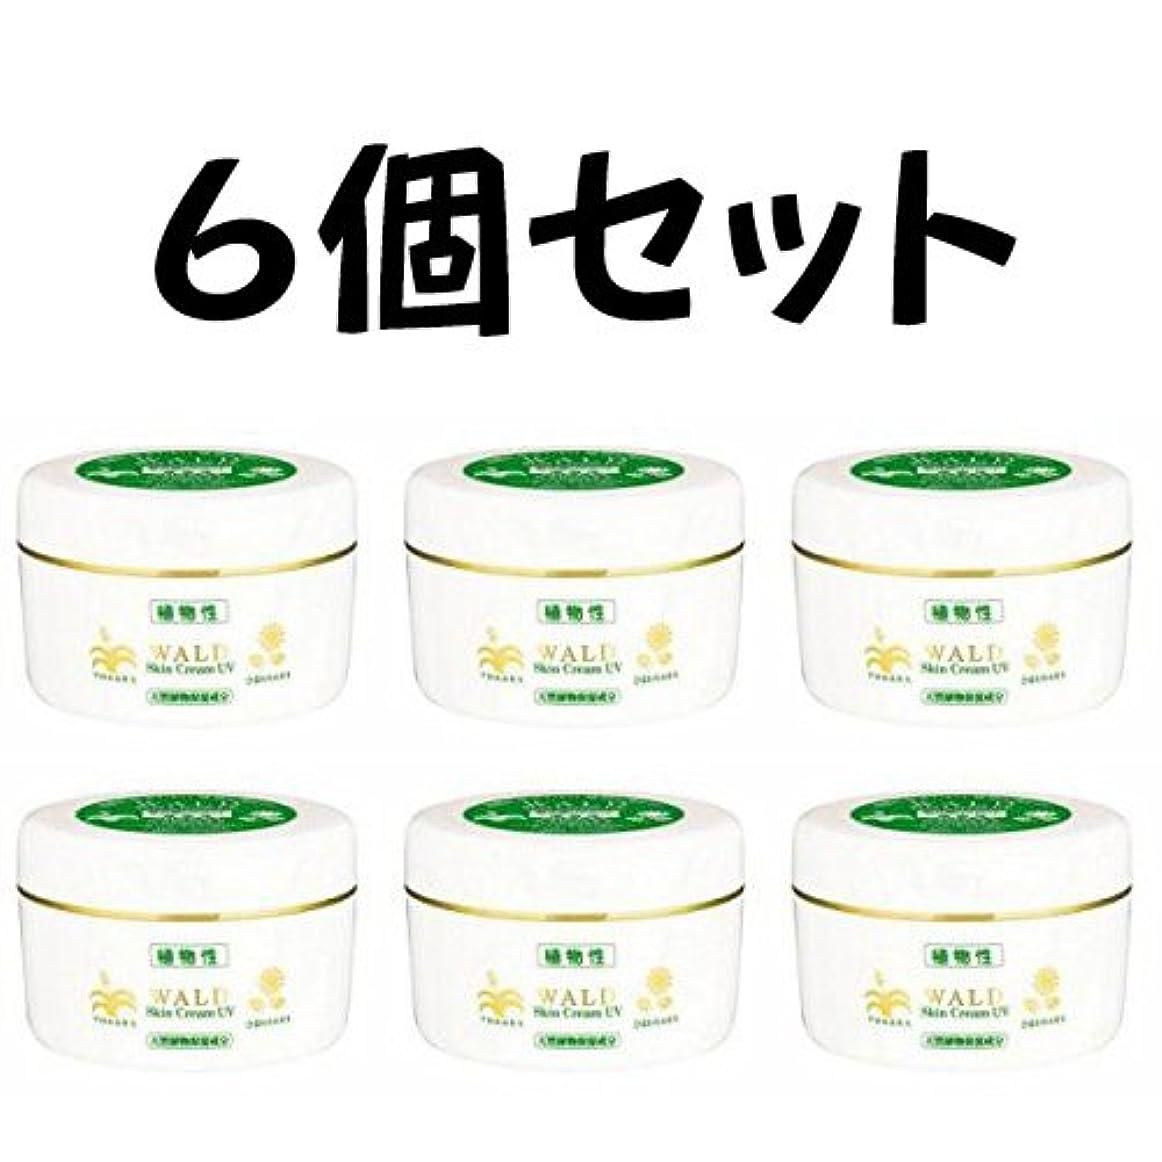 実行全滅させるファンタジー新 ヴァルトスキンクリーム UV (WALD Skin Cream UV) 220g (6)